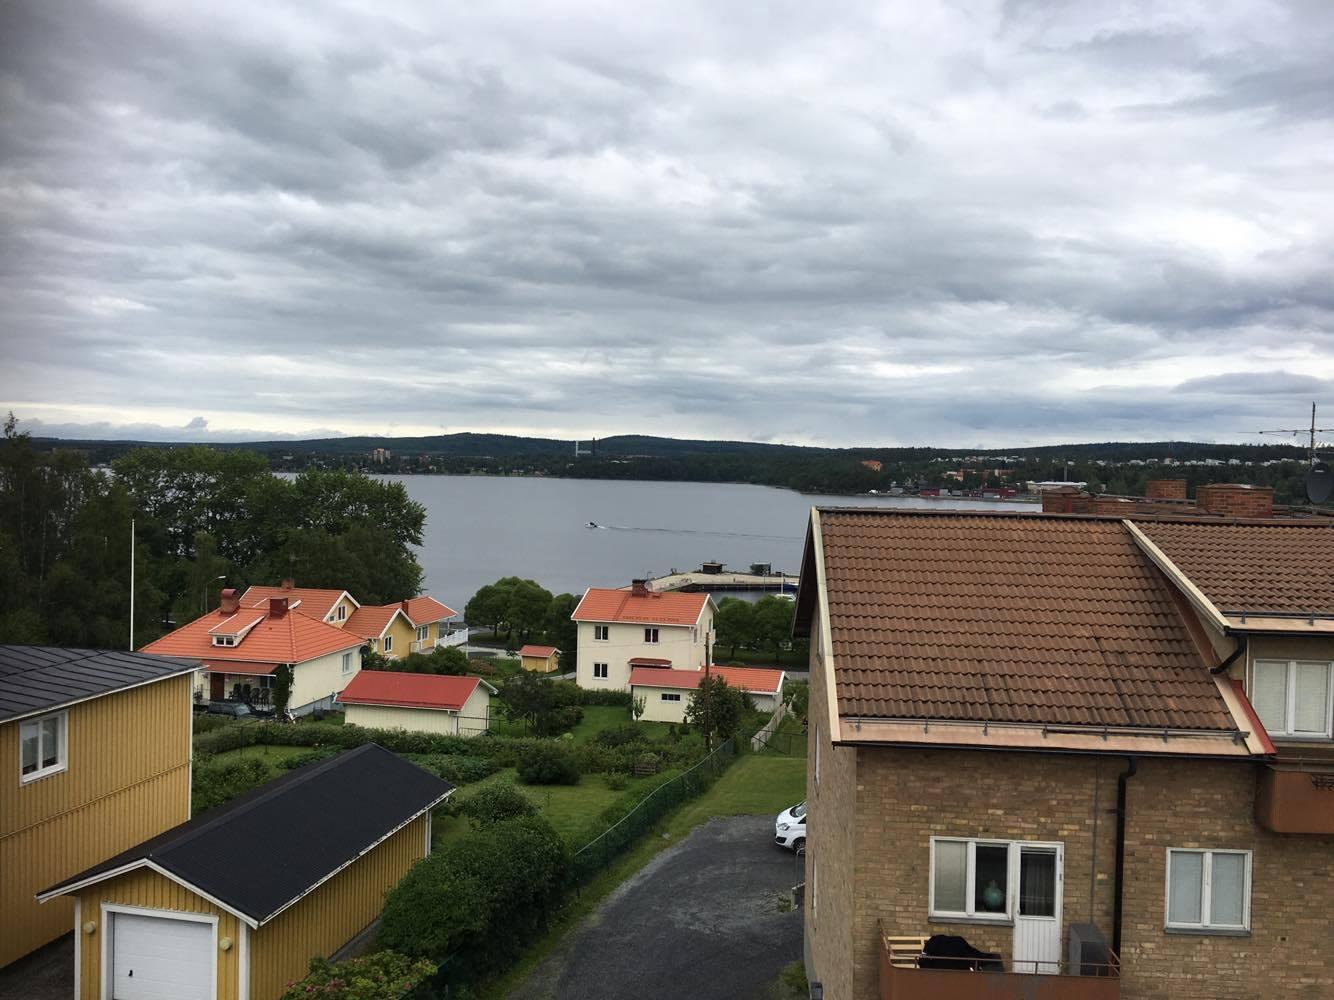 Har hängt i lägenheten nästan hela dagen idag, har ju som sagt sjöutsikt, fint det fast vädret kunde varit lite bättre.